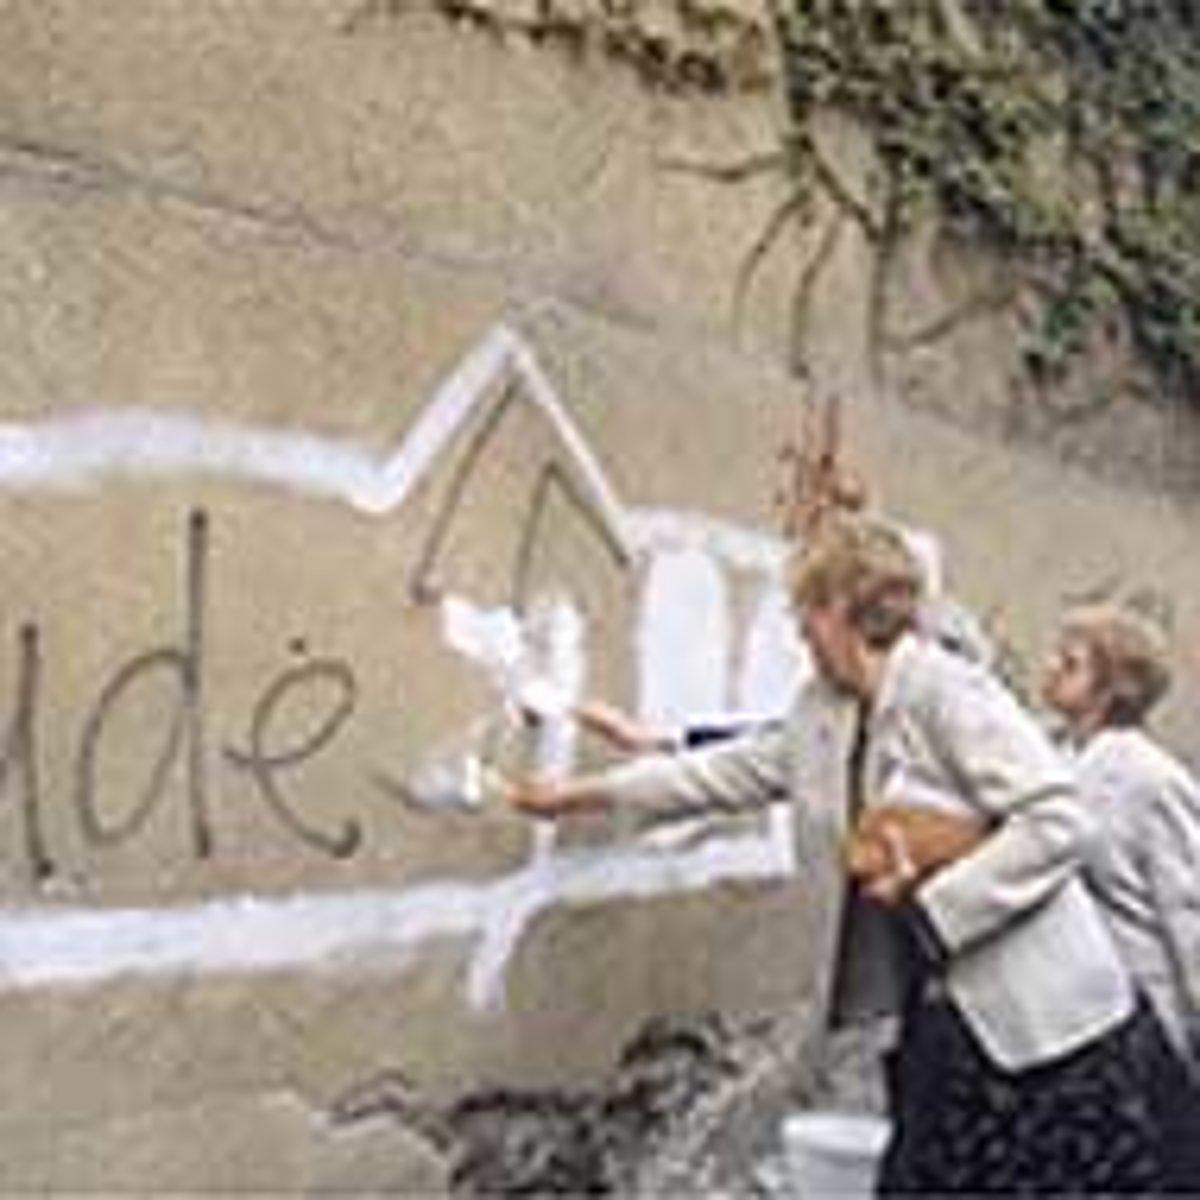 NGO paints over Nazi symbols - spectator sme sk